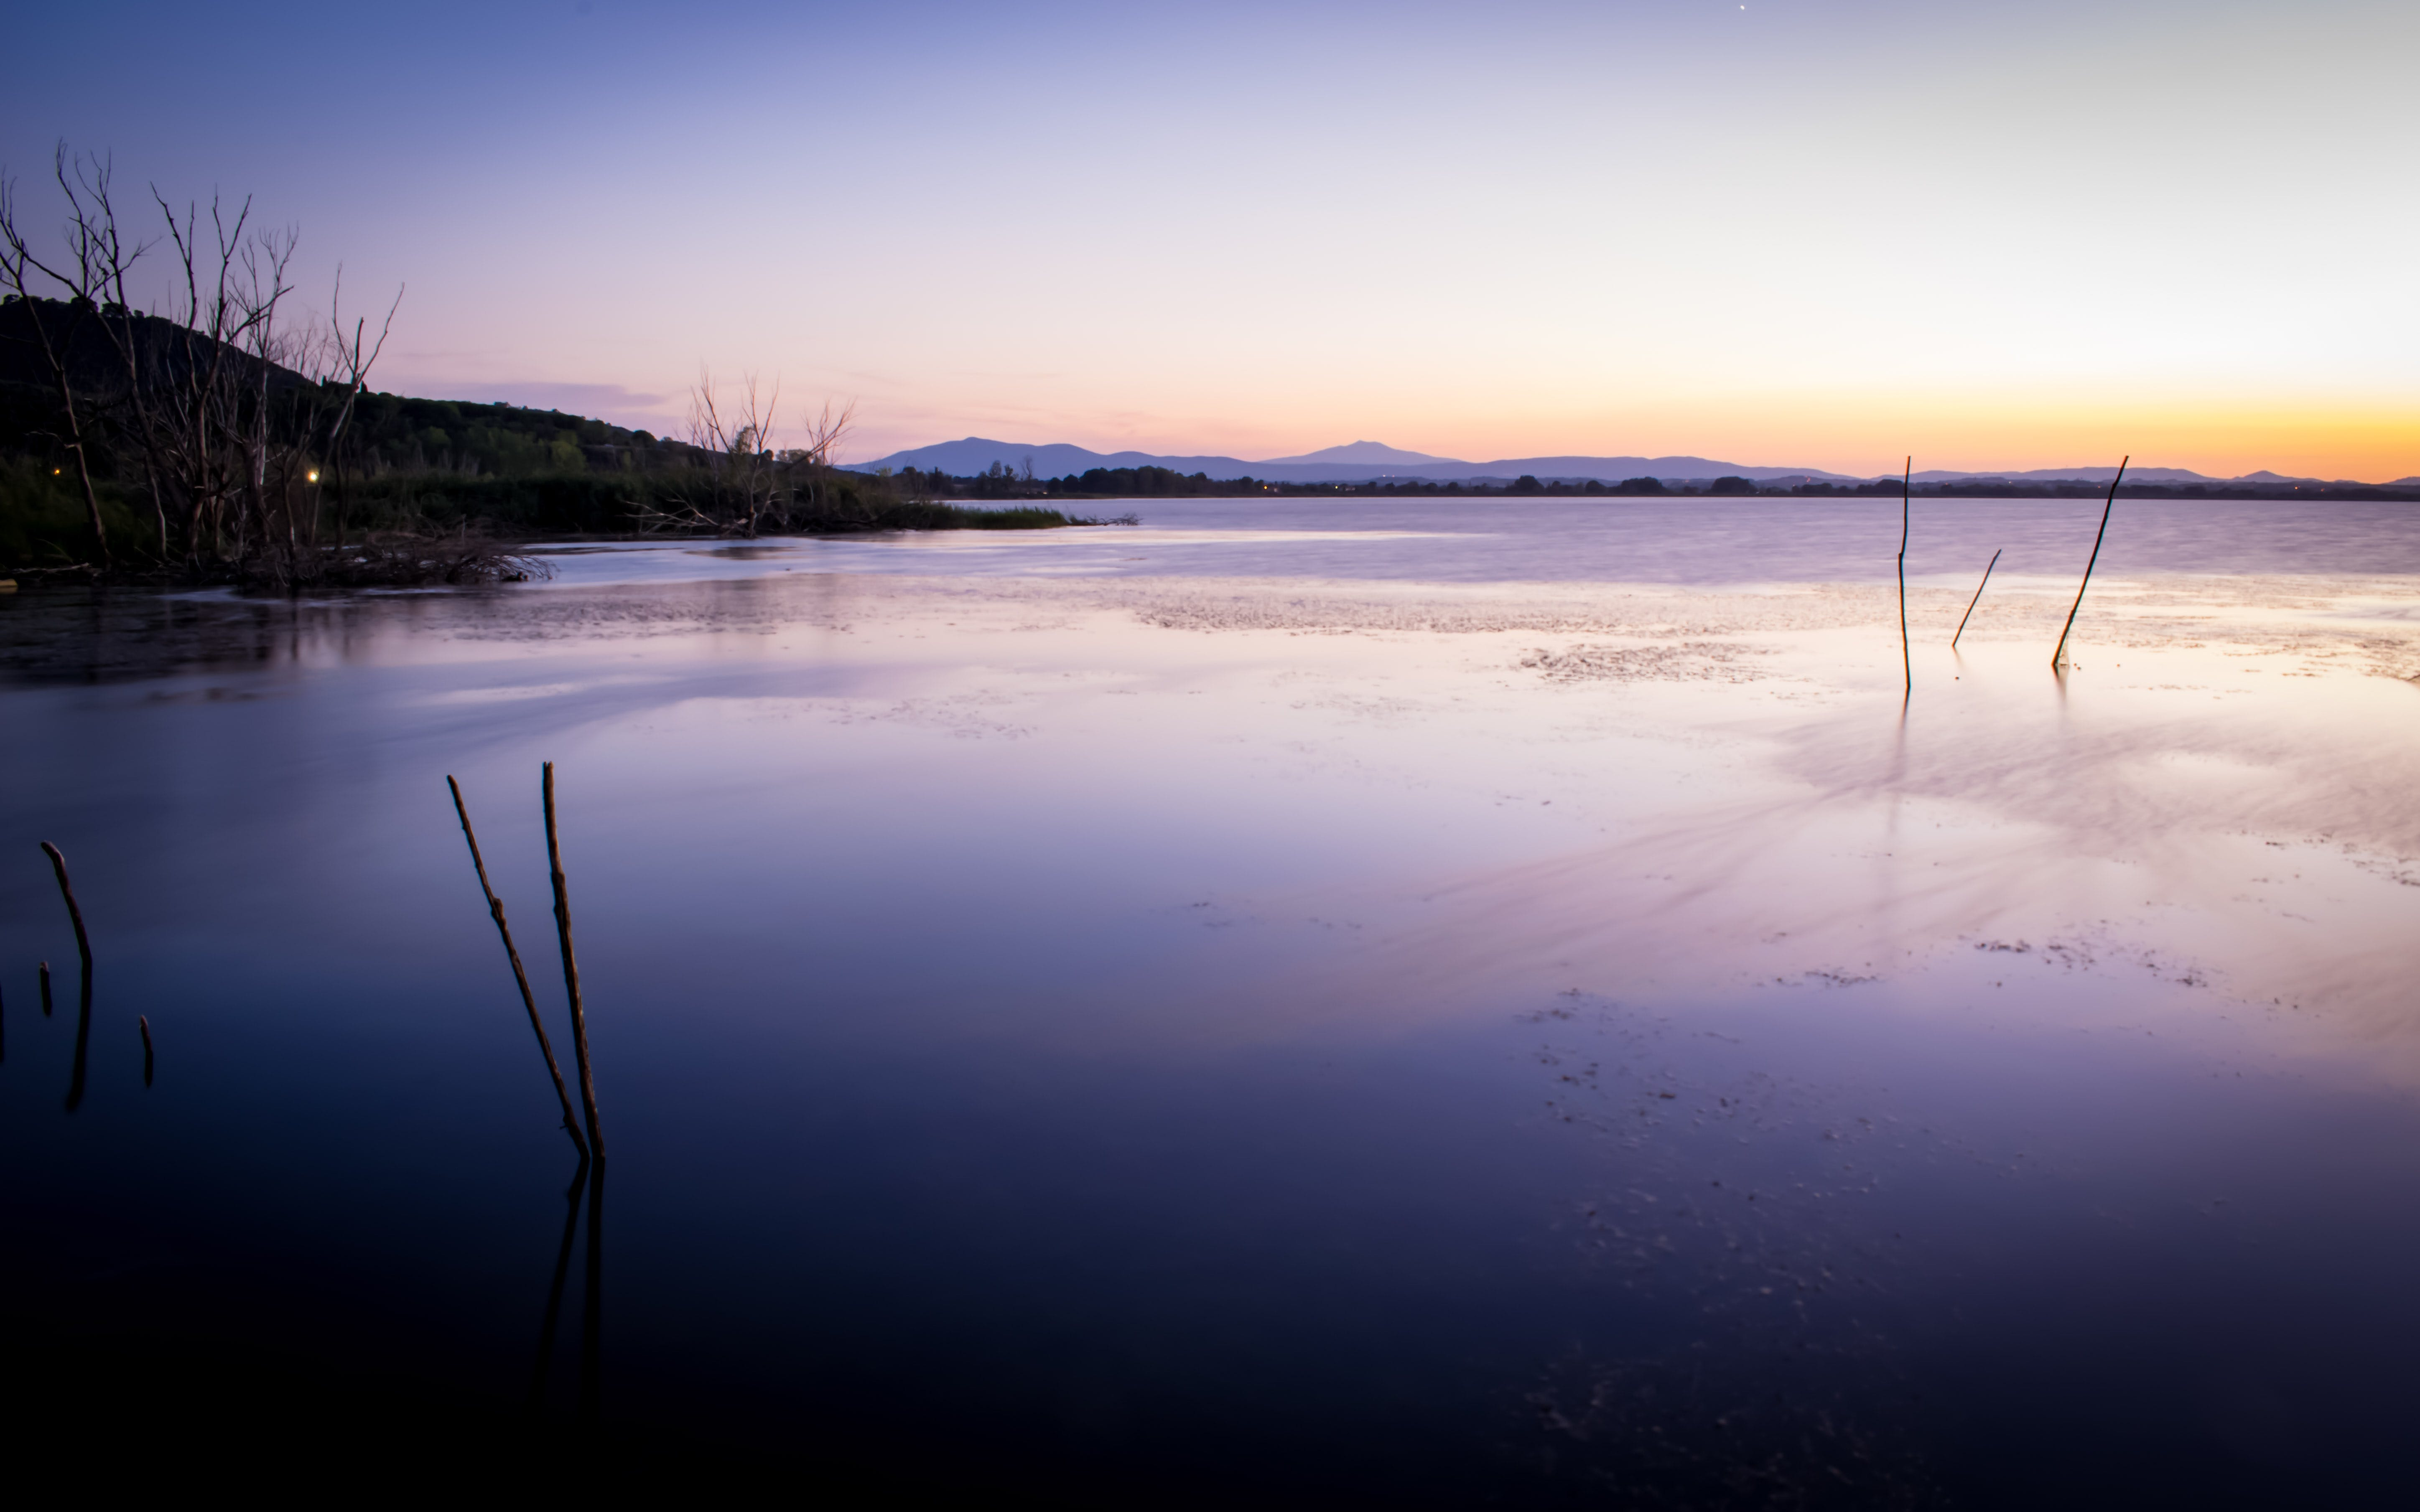 Free stock photo of calm waters, calmness, desktop wallpaper, lake